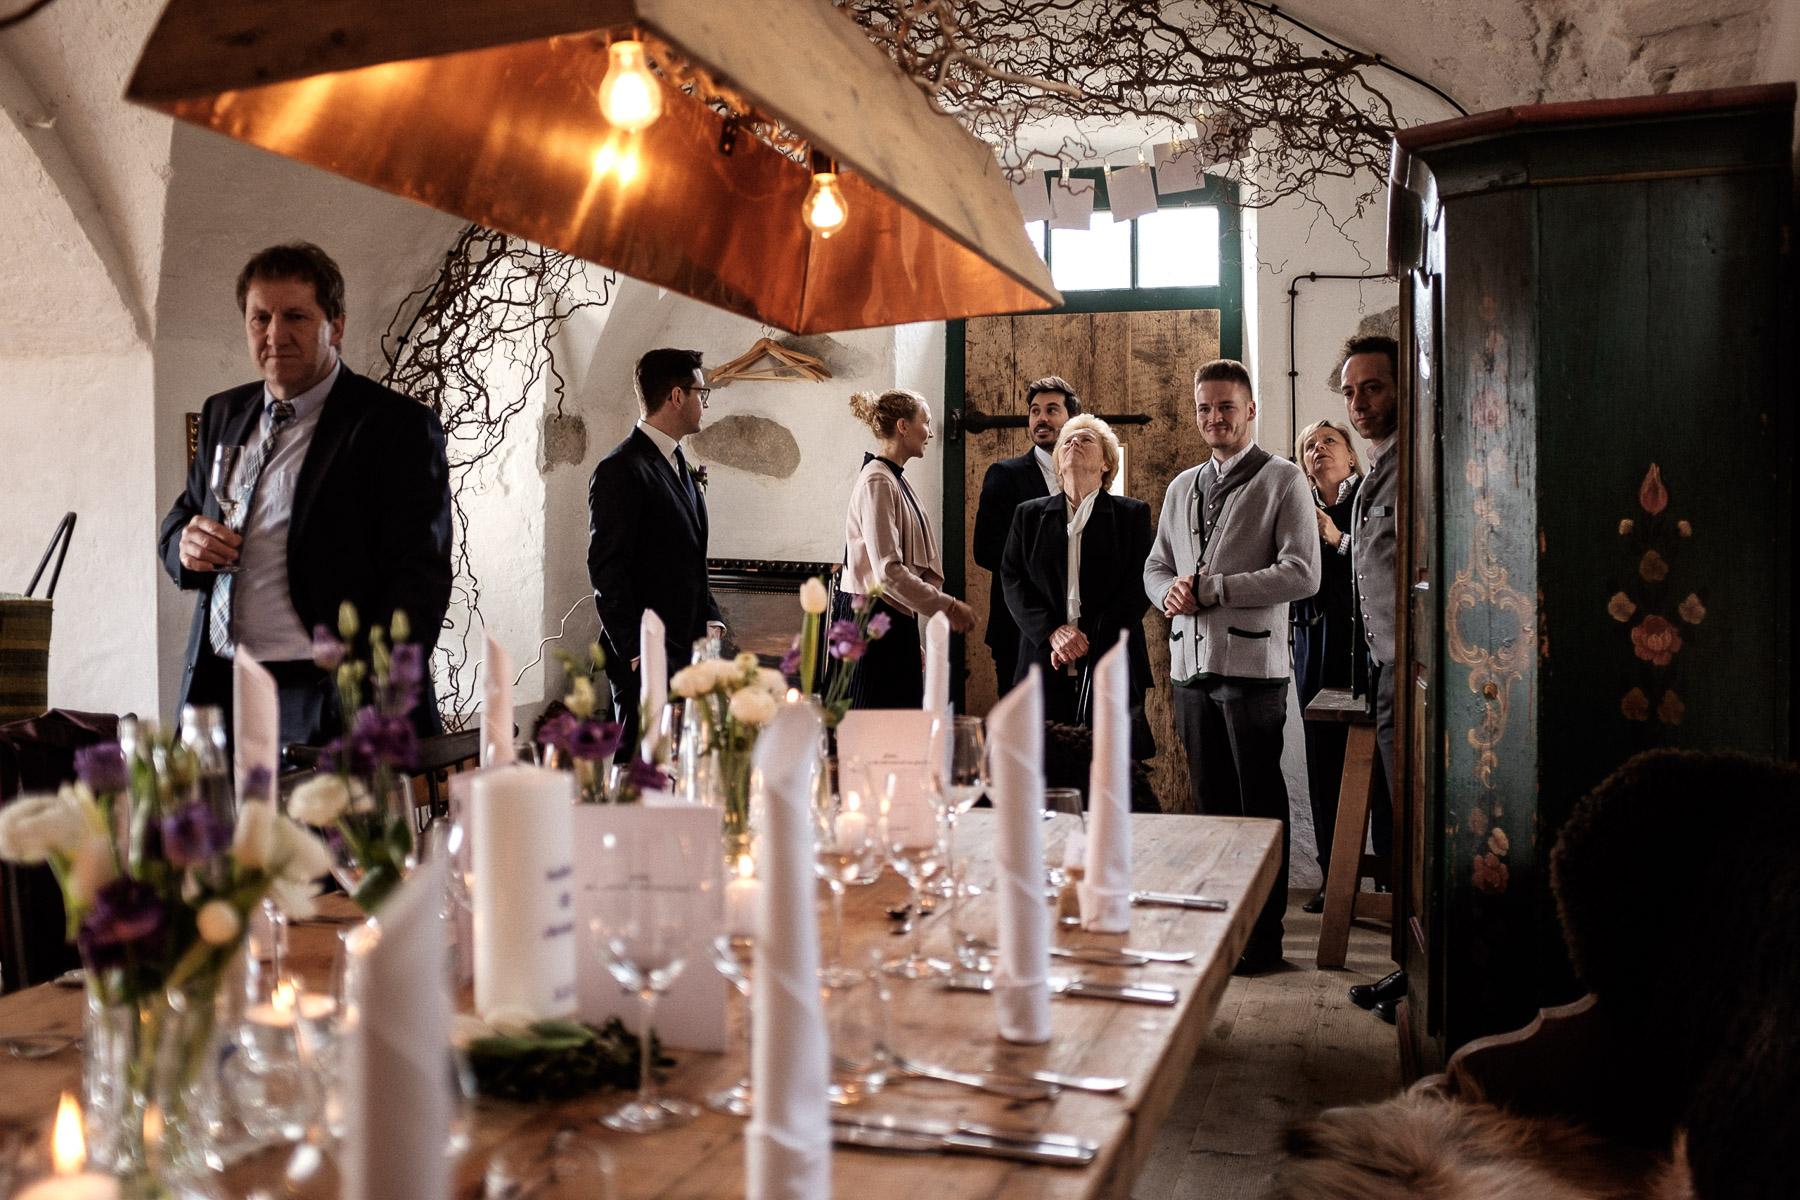 MartinLiebl_Hochzeitsfotograf_KCL_Blog_44.jpg